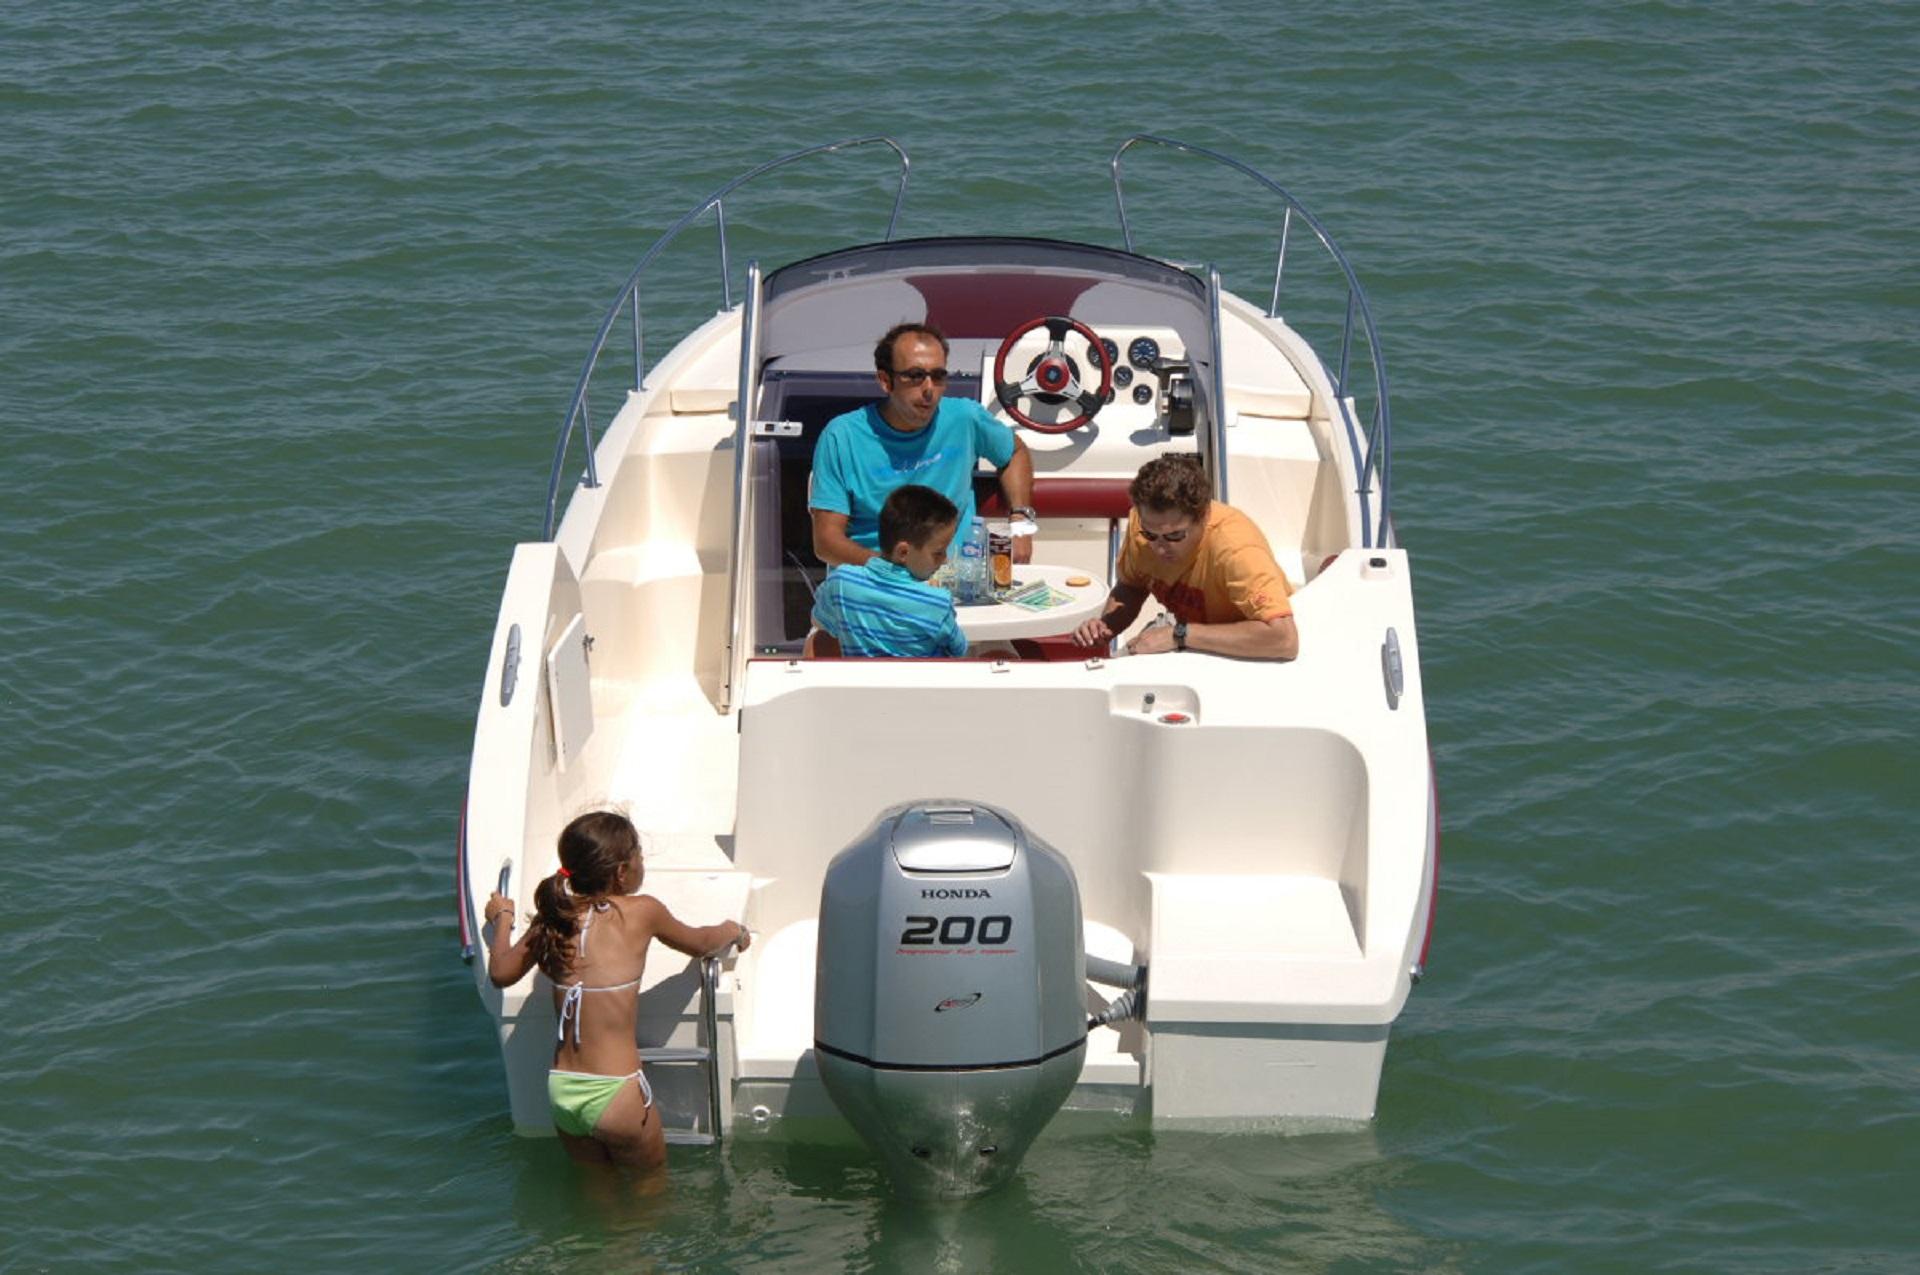 bateau moteur ocqueteau abaco 22 sun deck - notre gamme